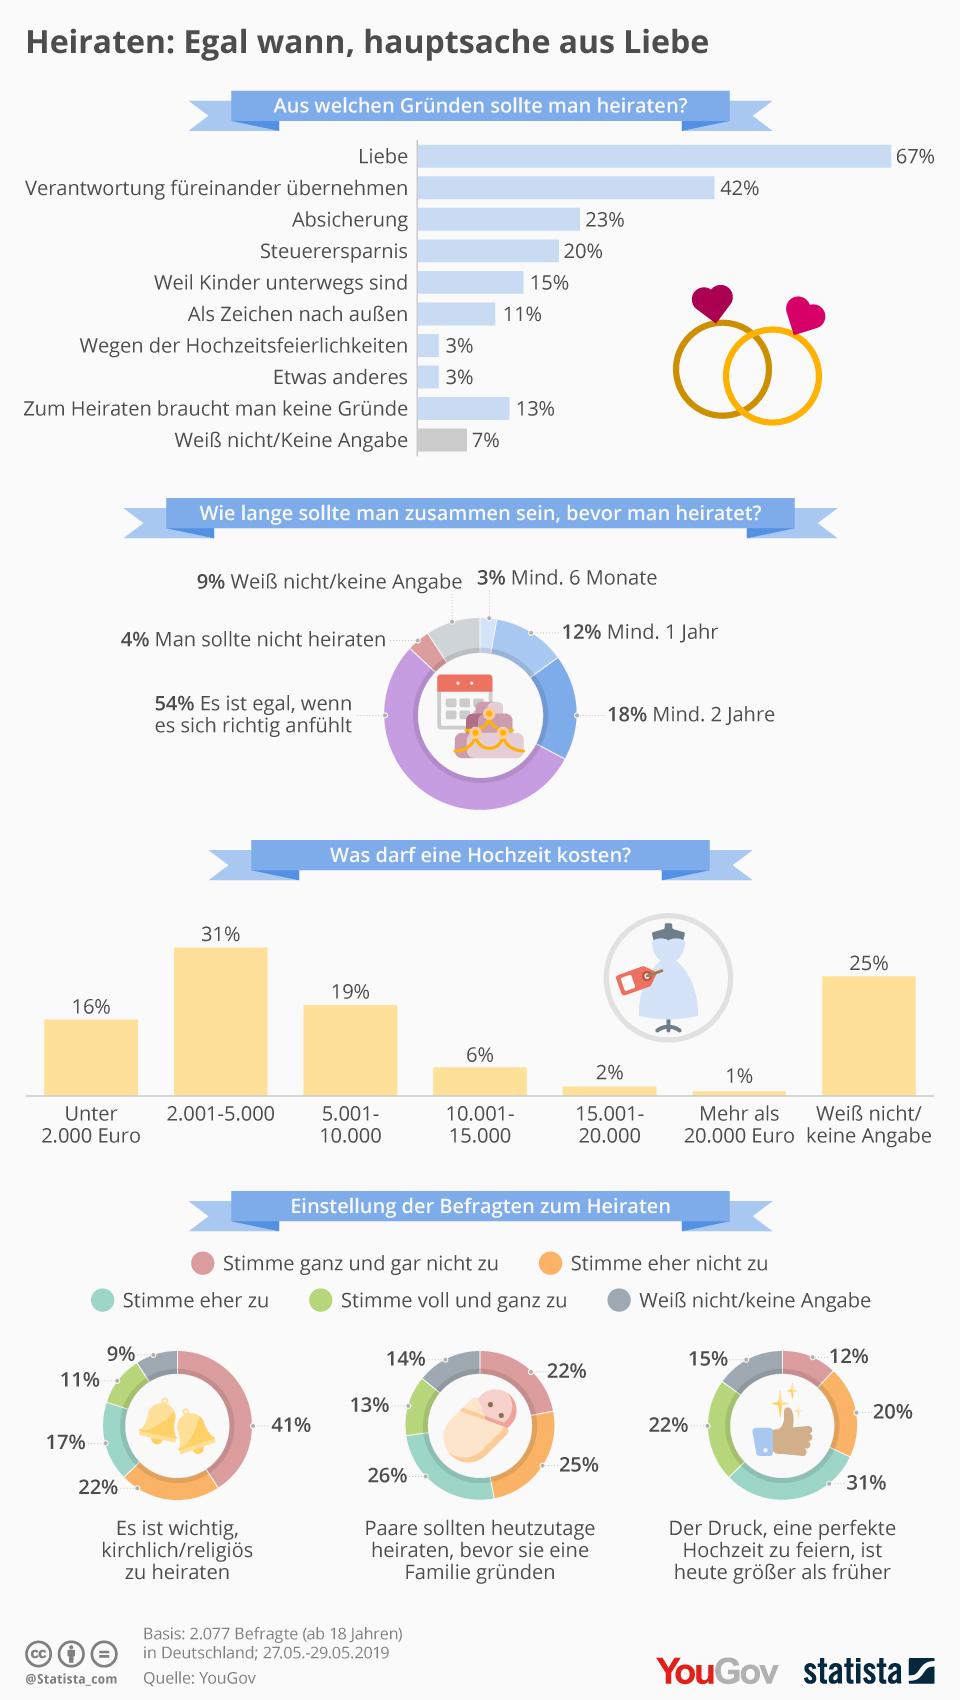 Infografik: Heiraten: Egal wann, hauptsache aus Liebe | Statista